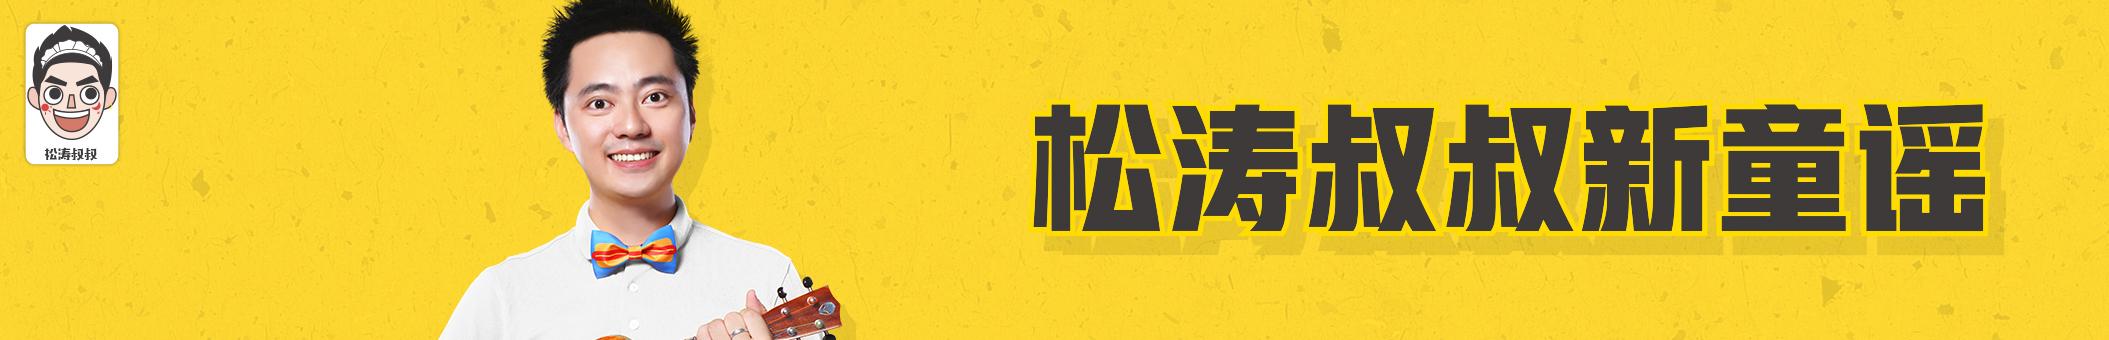 松涛叔叔新童谣 banner